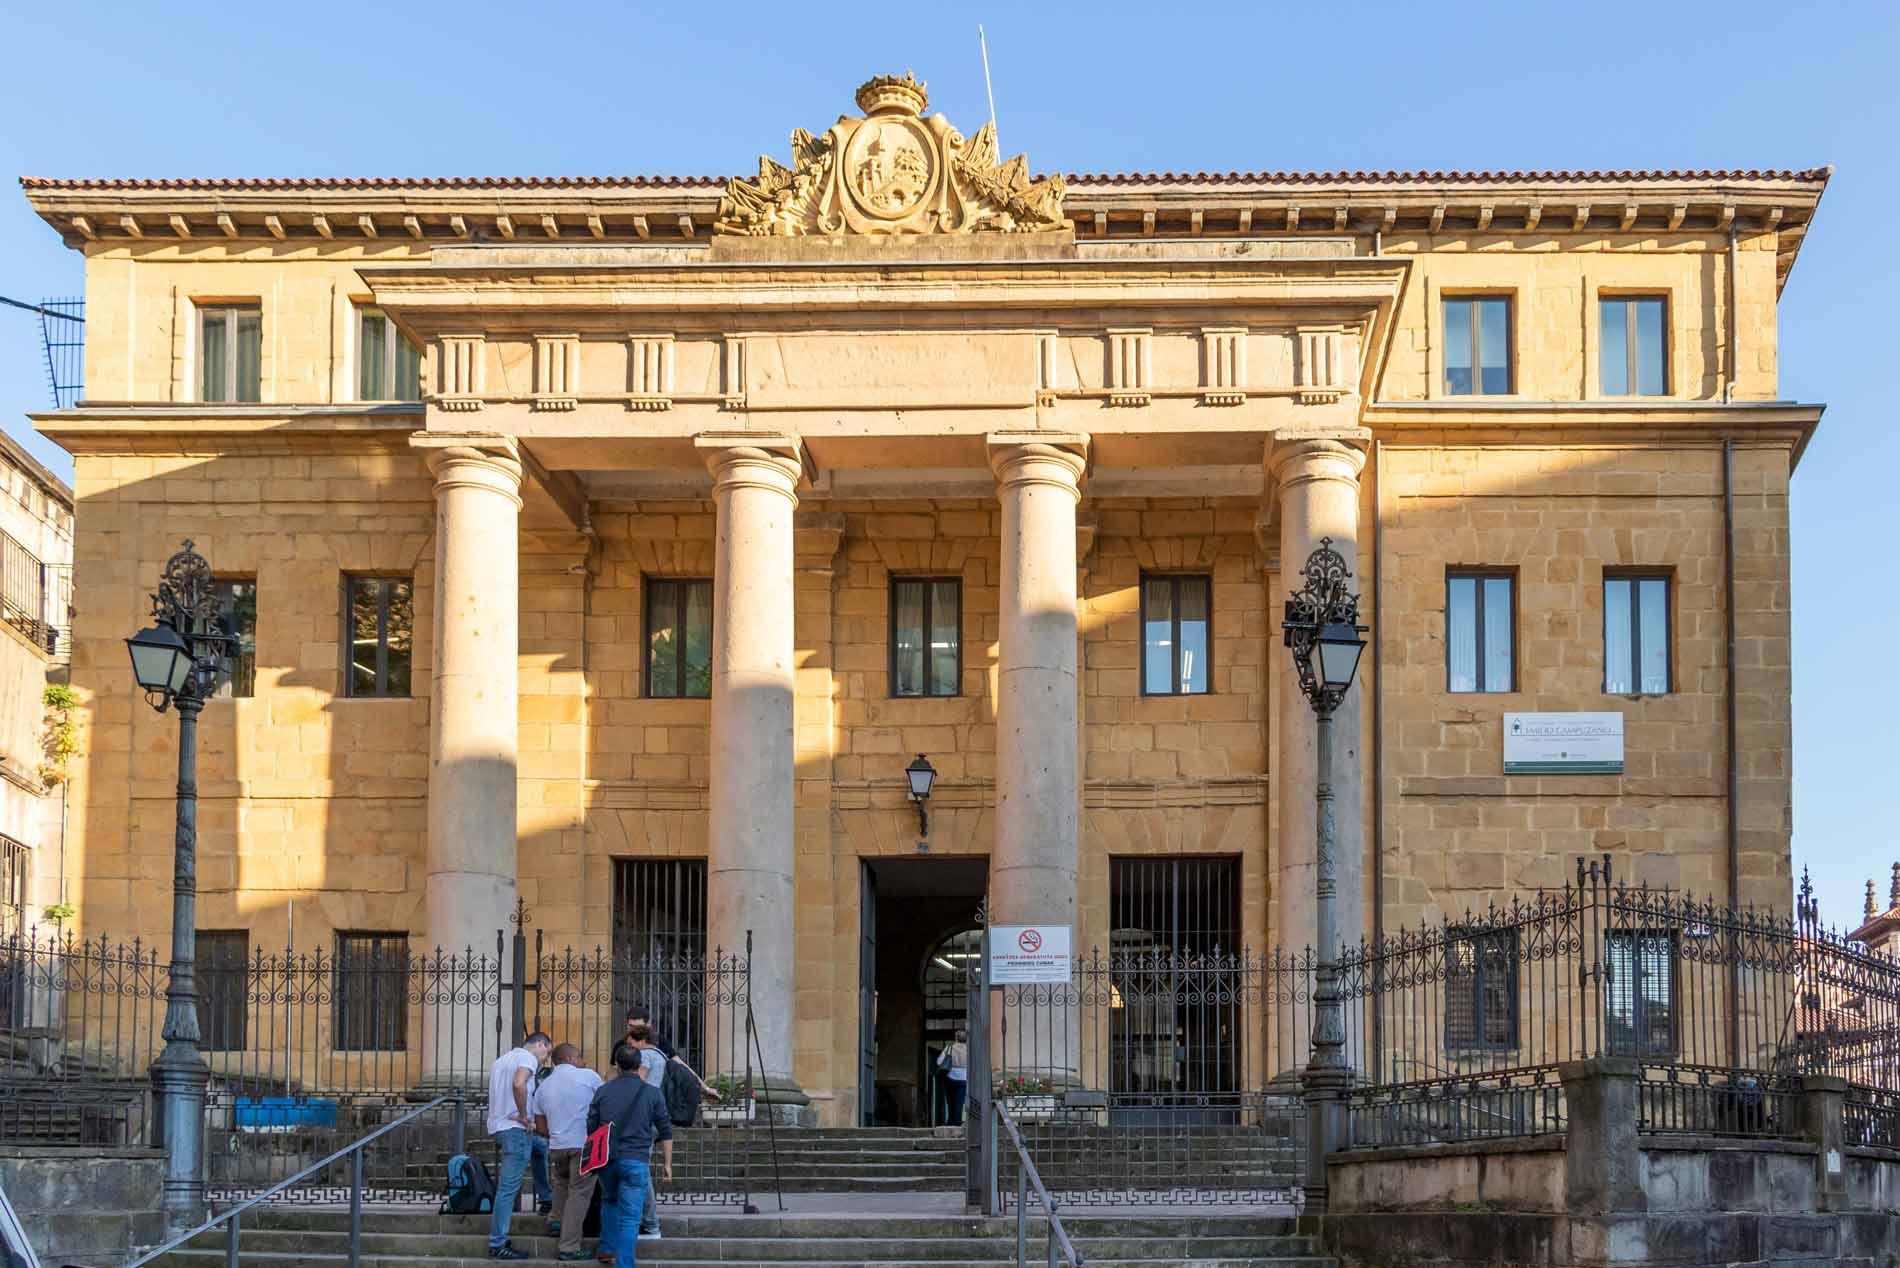 Instituto Emilio Campuzano